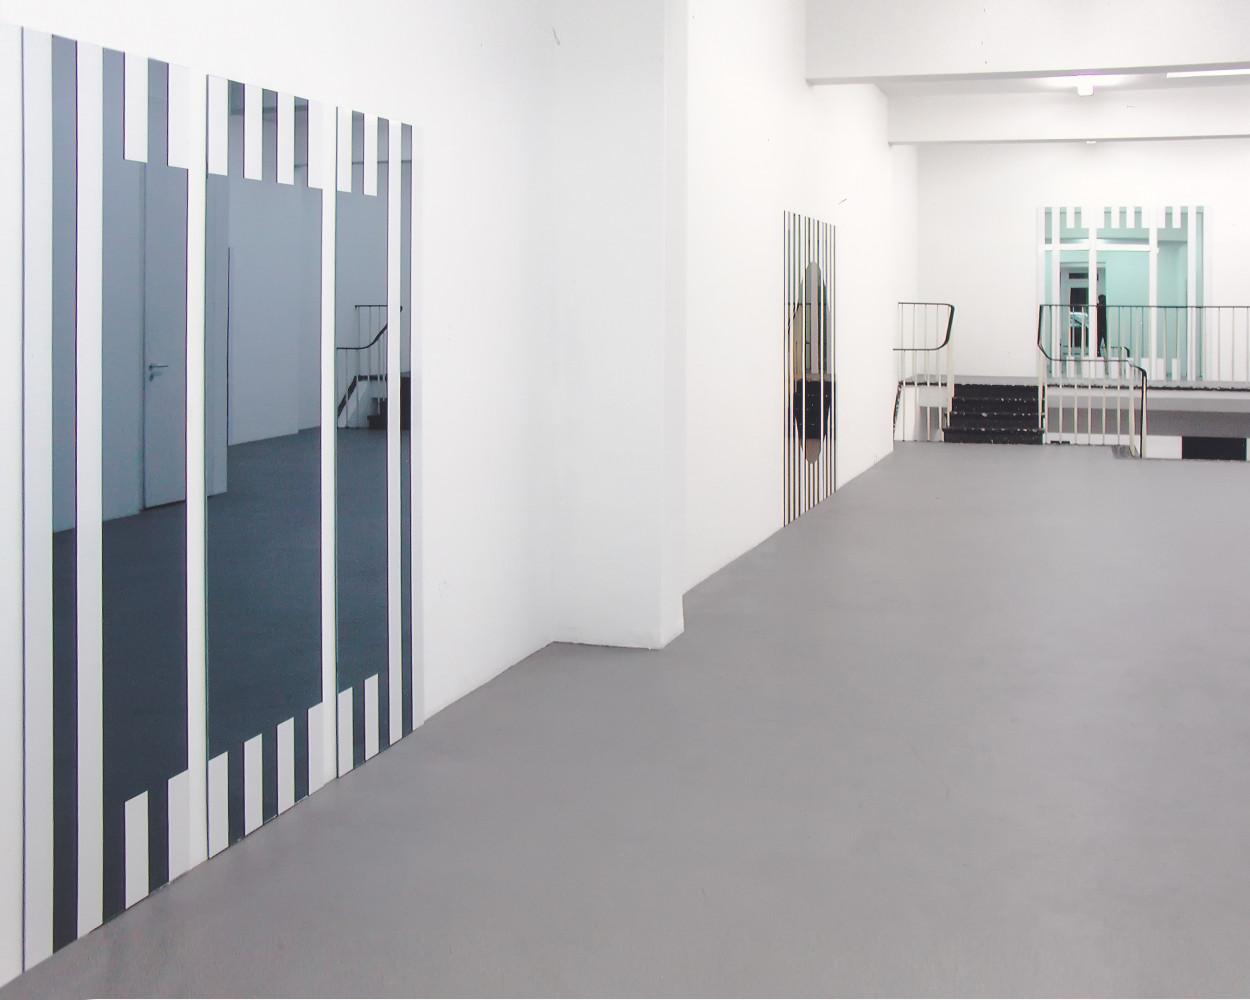 Daniel Buren, 'Les Visages Colorés', Installation view, 2005